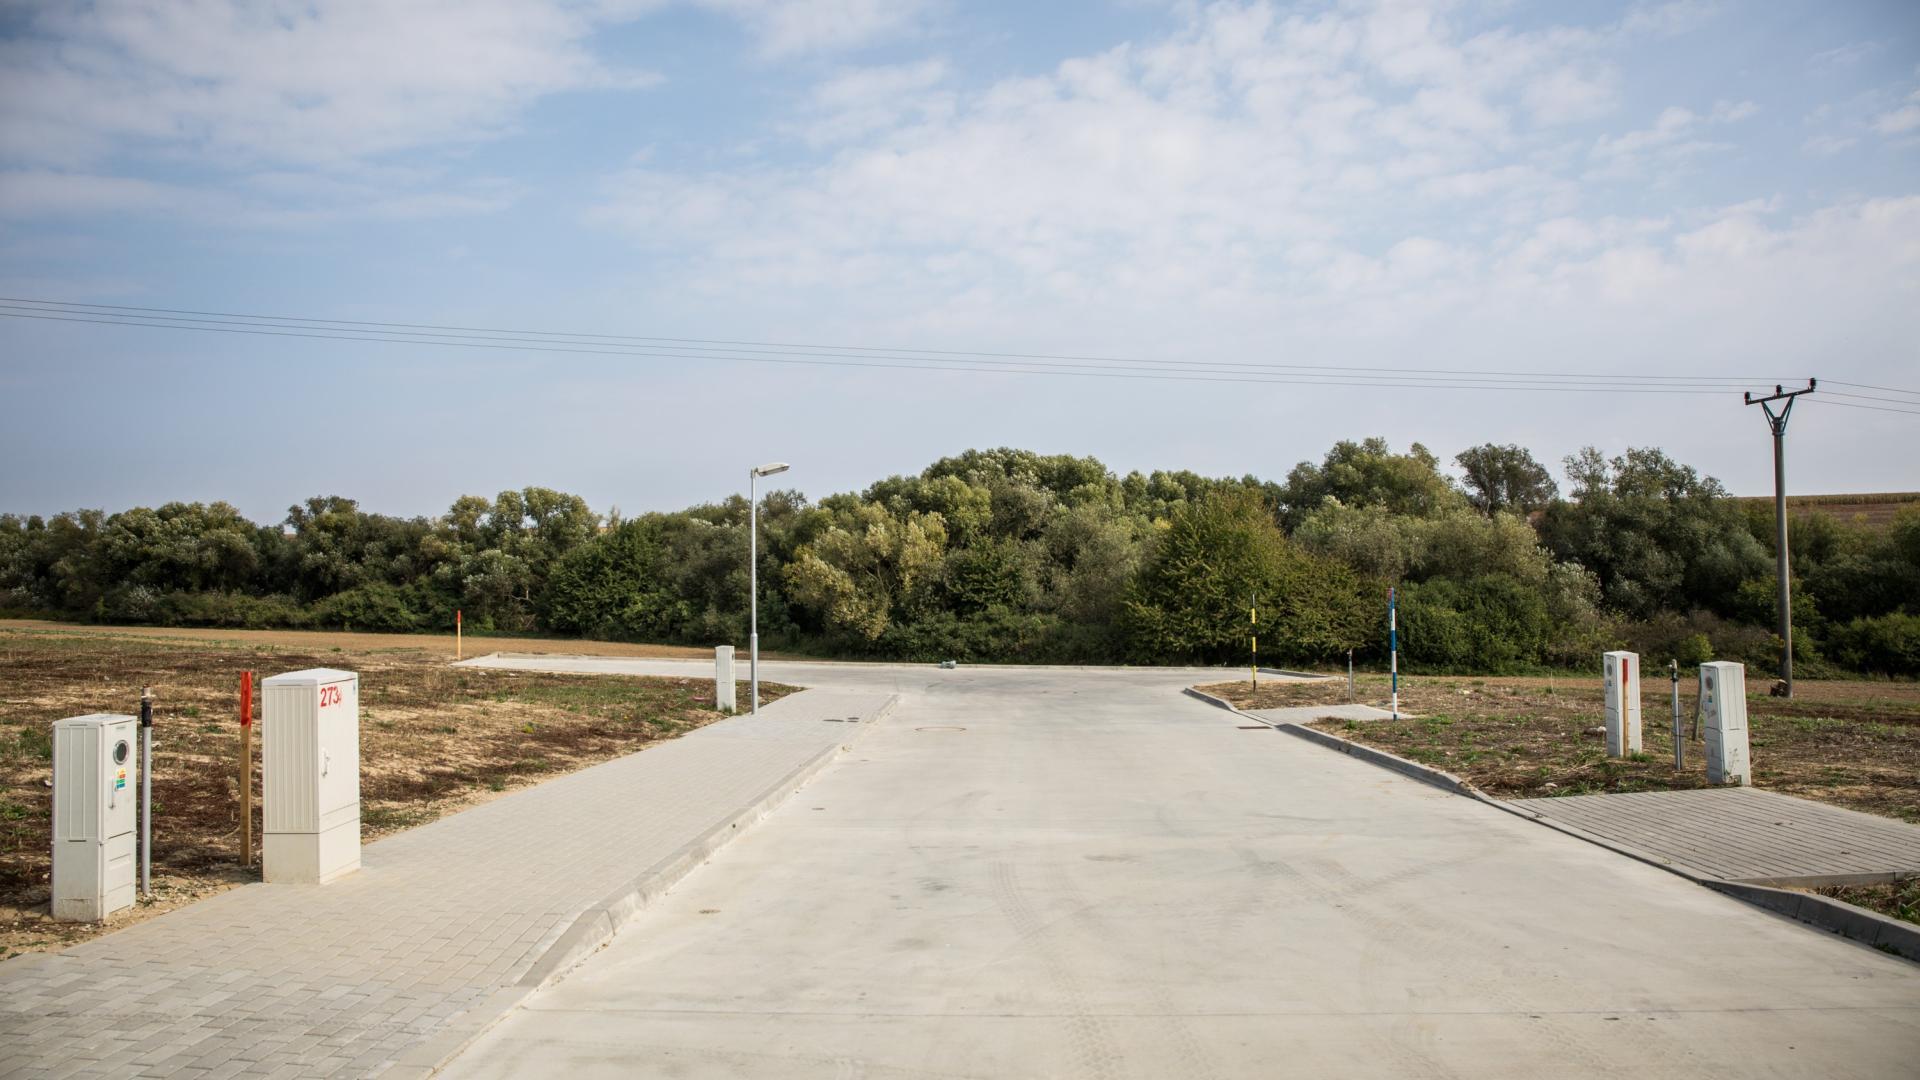 Pozemok č. 7 na novej ulici v tichej časti mesta